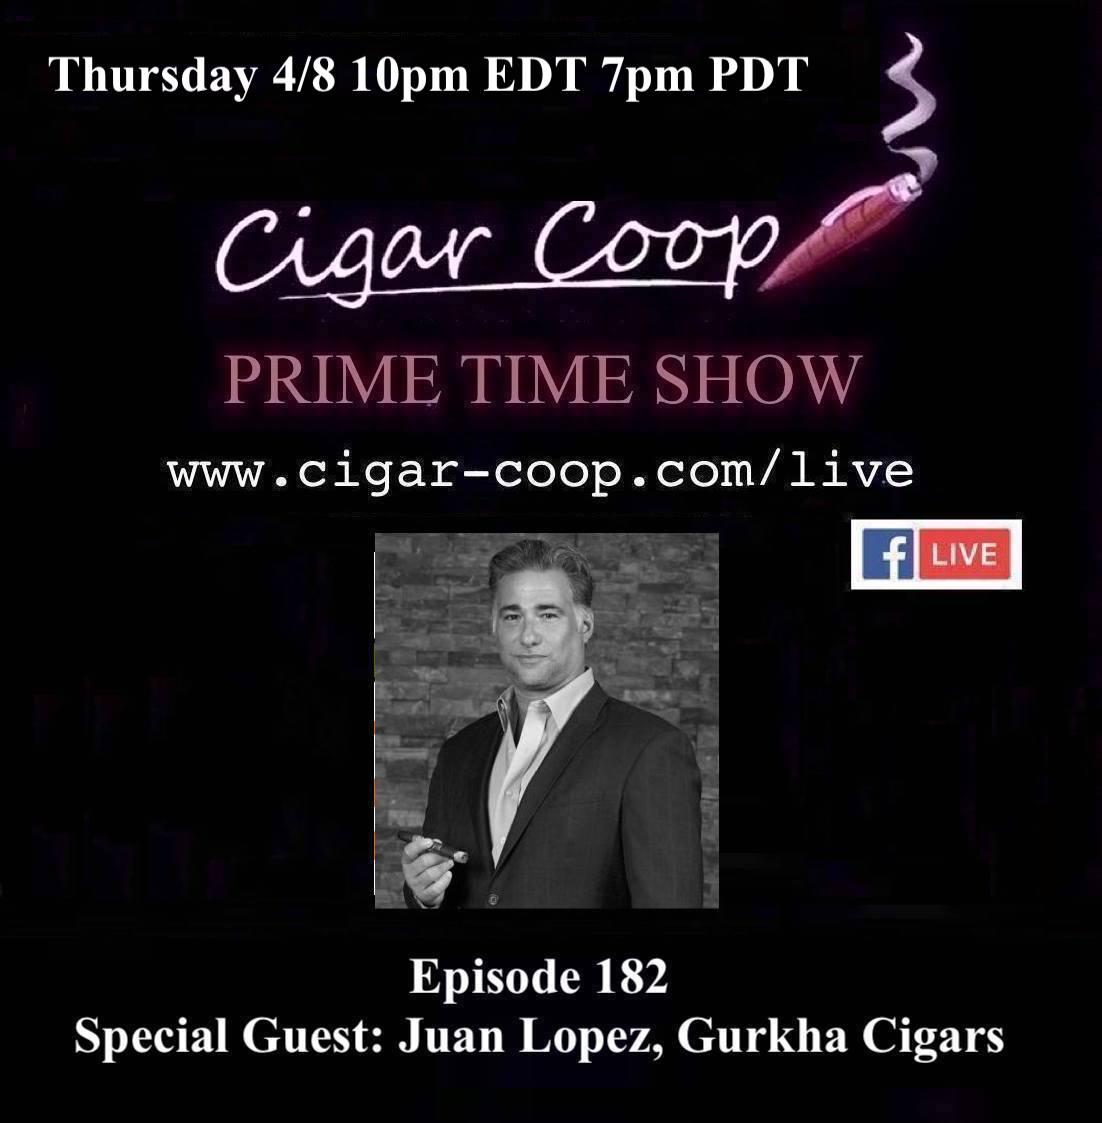 Announcement: Prime Time Episode 182 – Juan Lopez, Gurkha Cigars